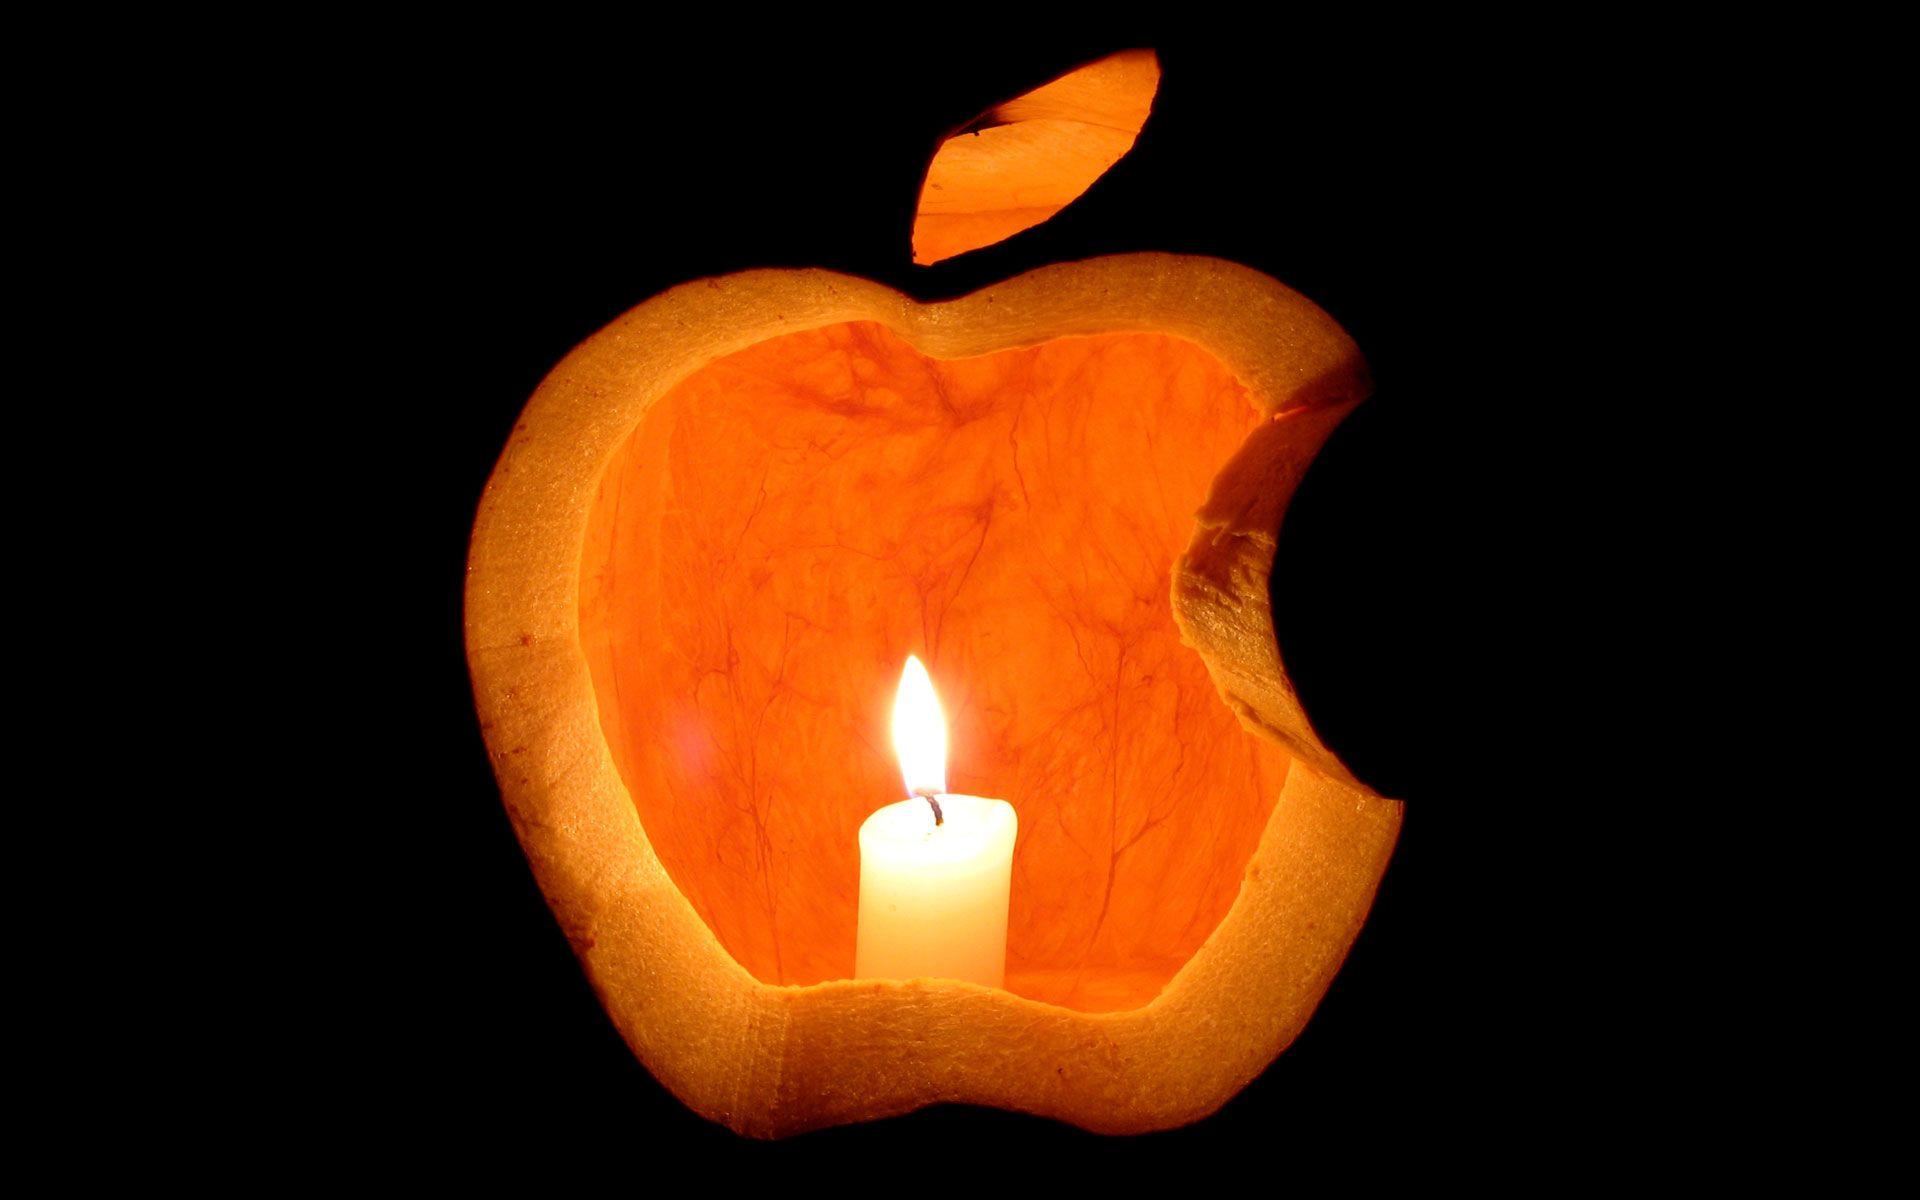 Halloween Apple Wallpapers - Wallpaper Cave